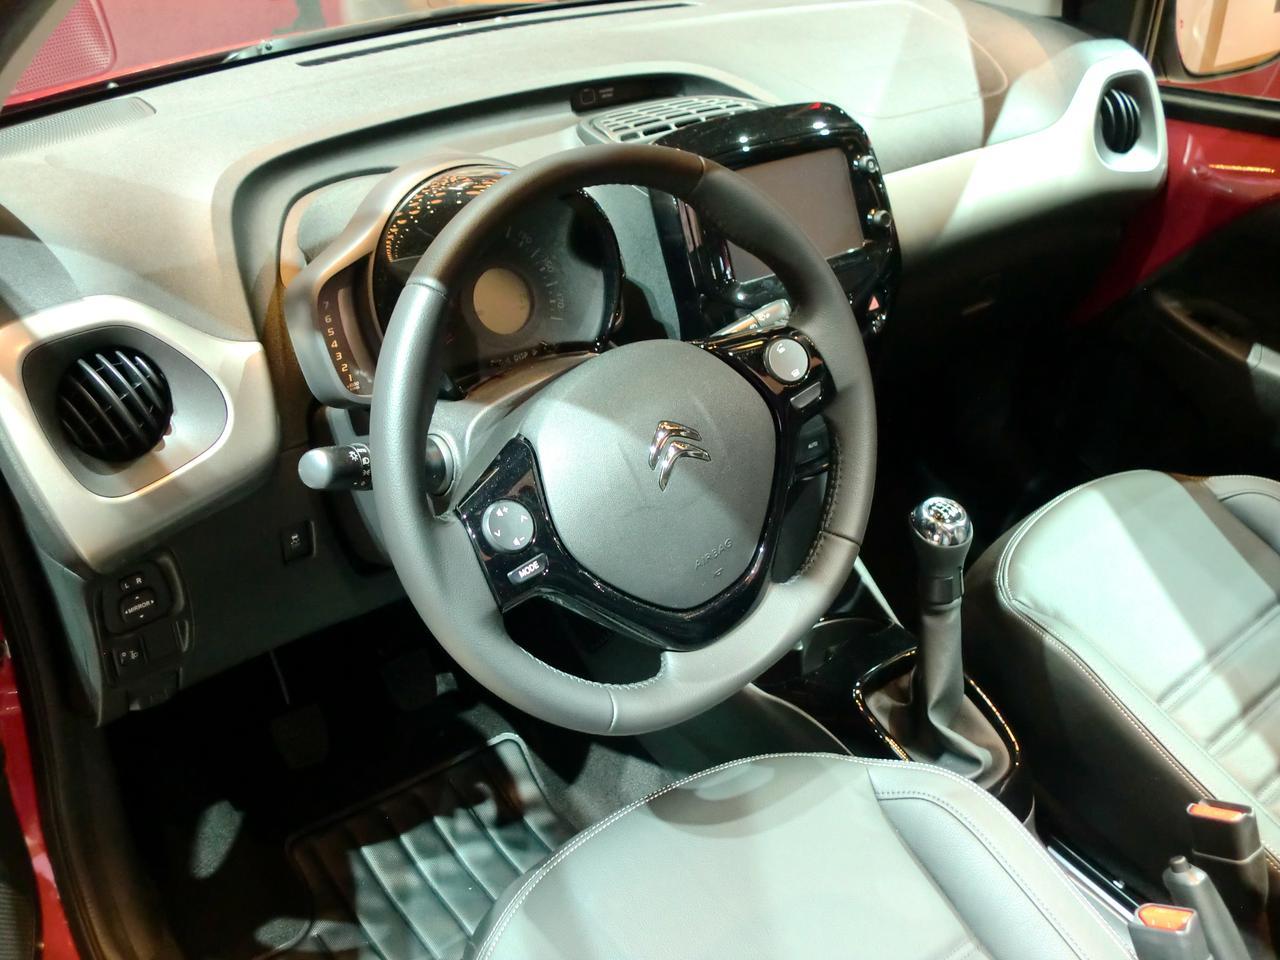 画像3: C1は、シトロエン、トヨタ、プジョーの3兄弟モデルの1台